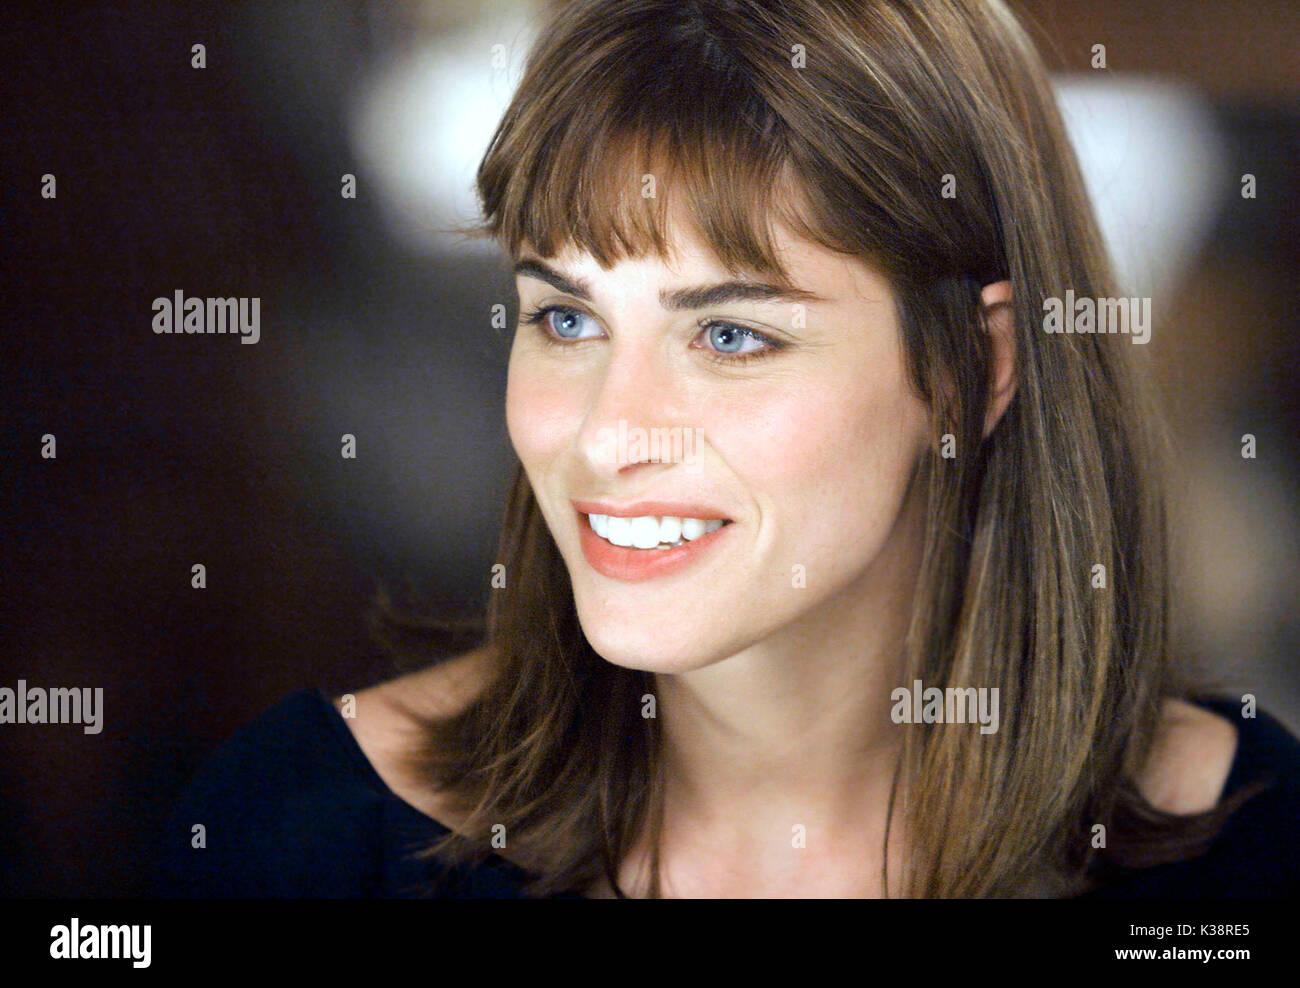 SOMETHING'S GOTTA GIVE [US 2003]  AMANDA PEET     Date: 2003 - Stock Image